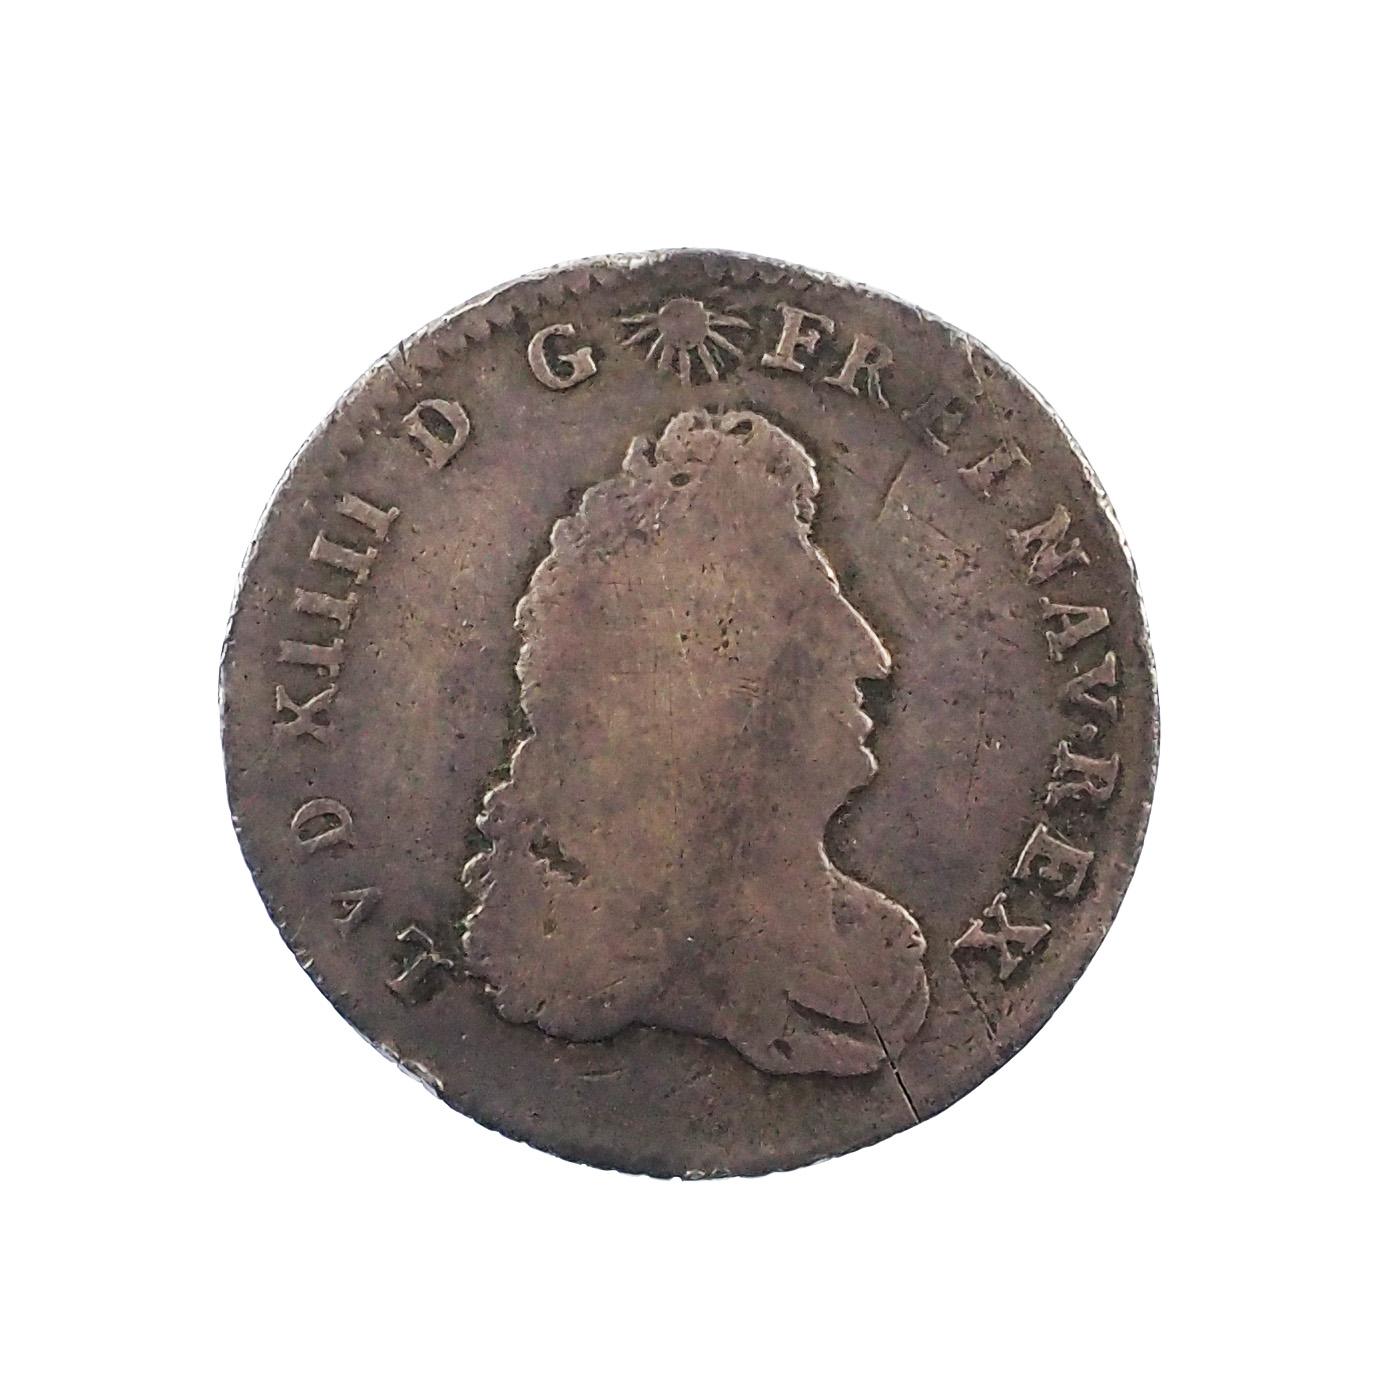 Louis XIV (1643-1715), 1/8 écu de Flandre, 1686 L couronné, TB, Gad. 130